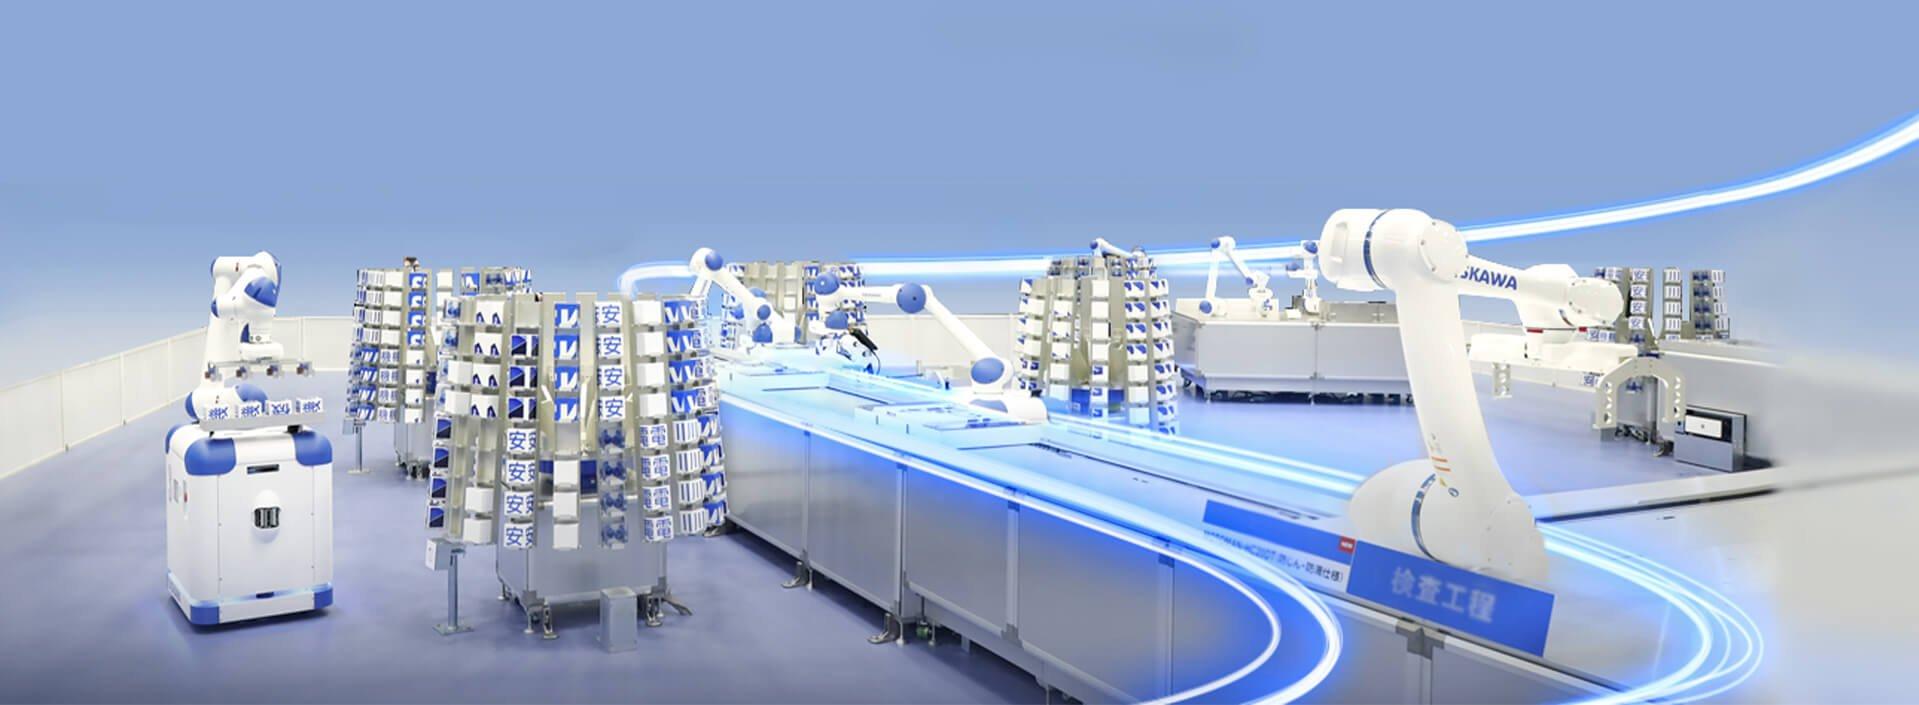 i³-Mechatronics智慧化工廠